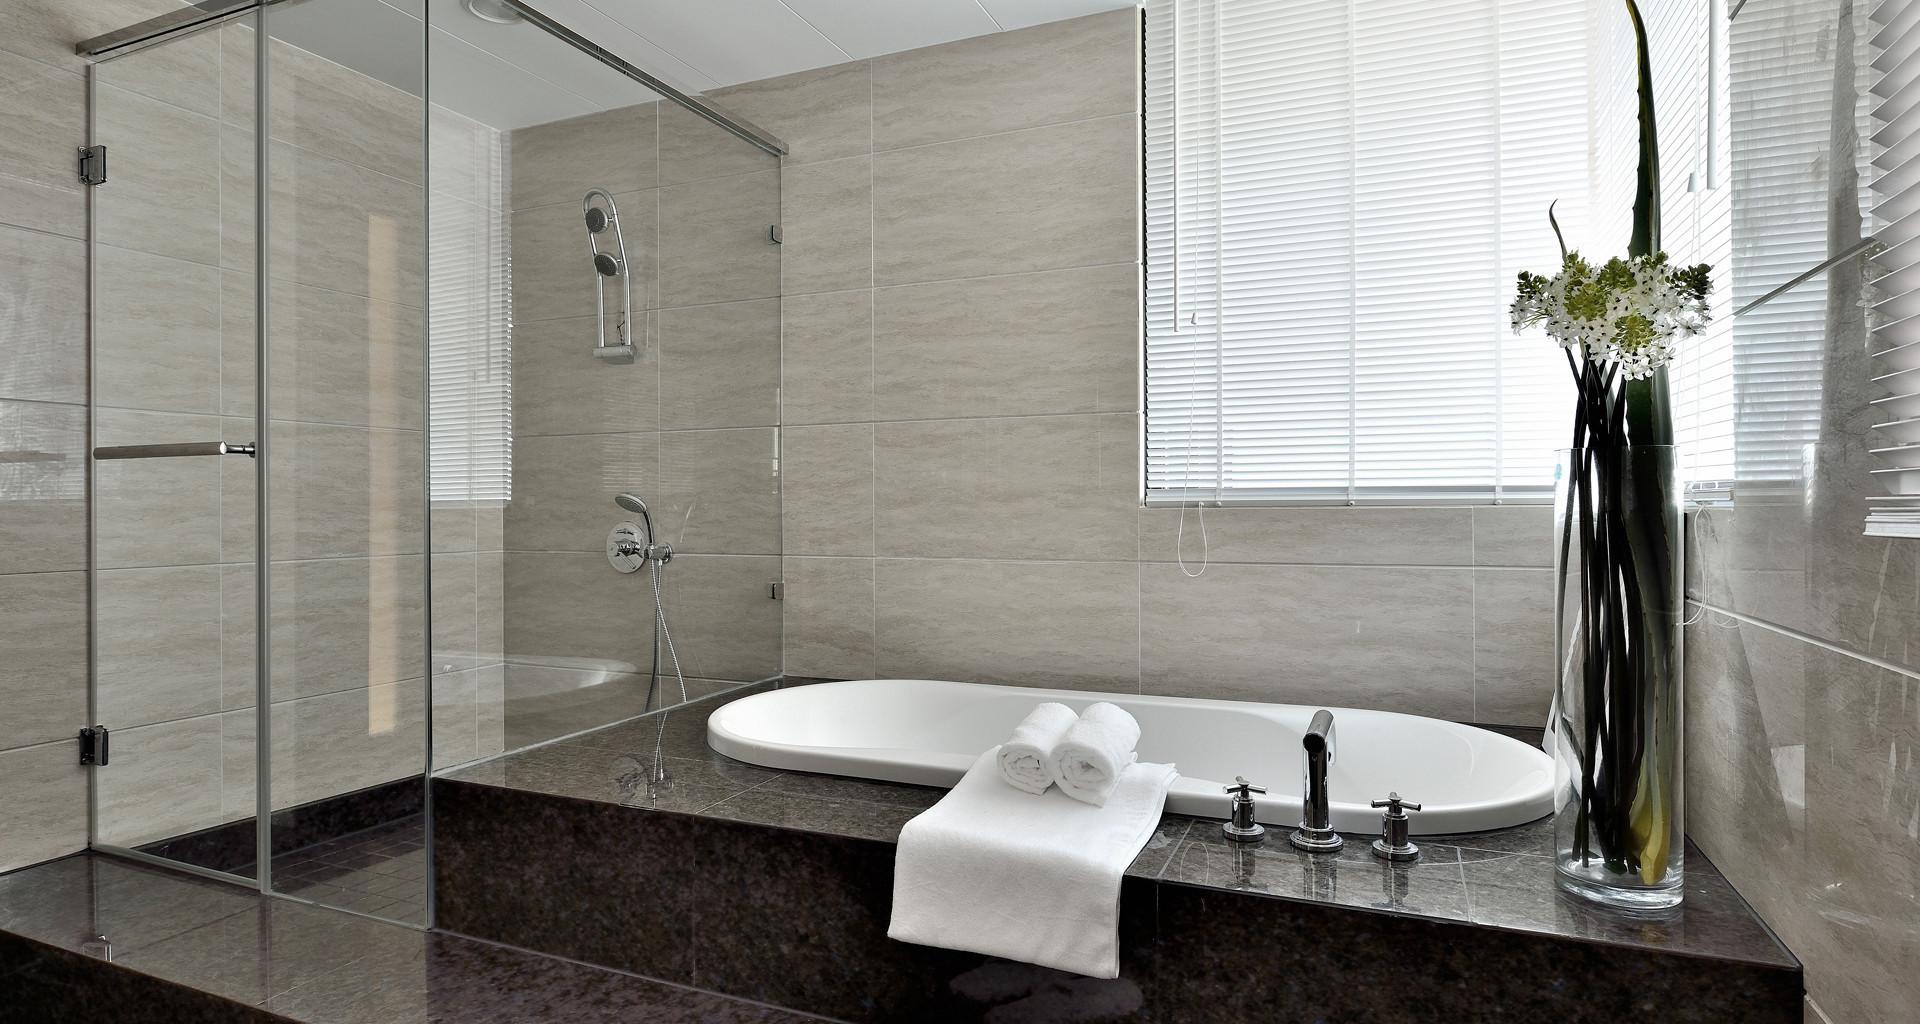 卫浴间是流行的干湿分离设计,用玻璃门将卫浴间一分为二,让淋浴之外的场地保持干燥